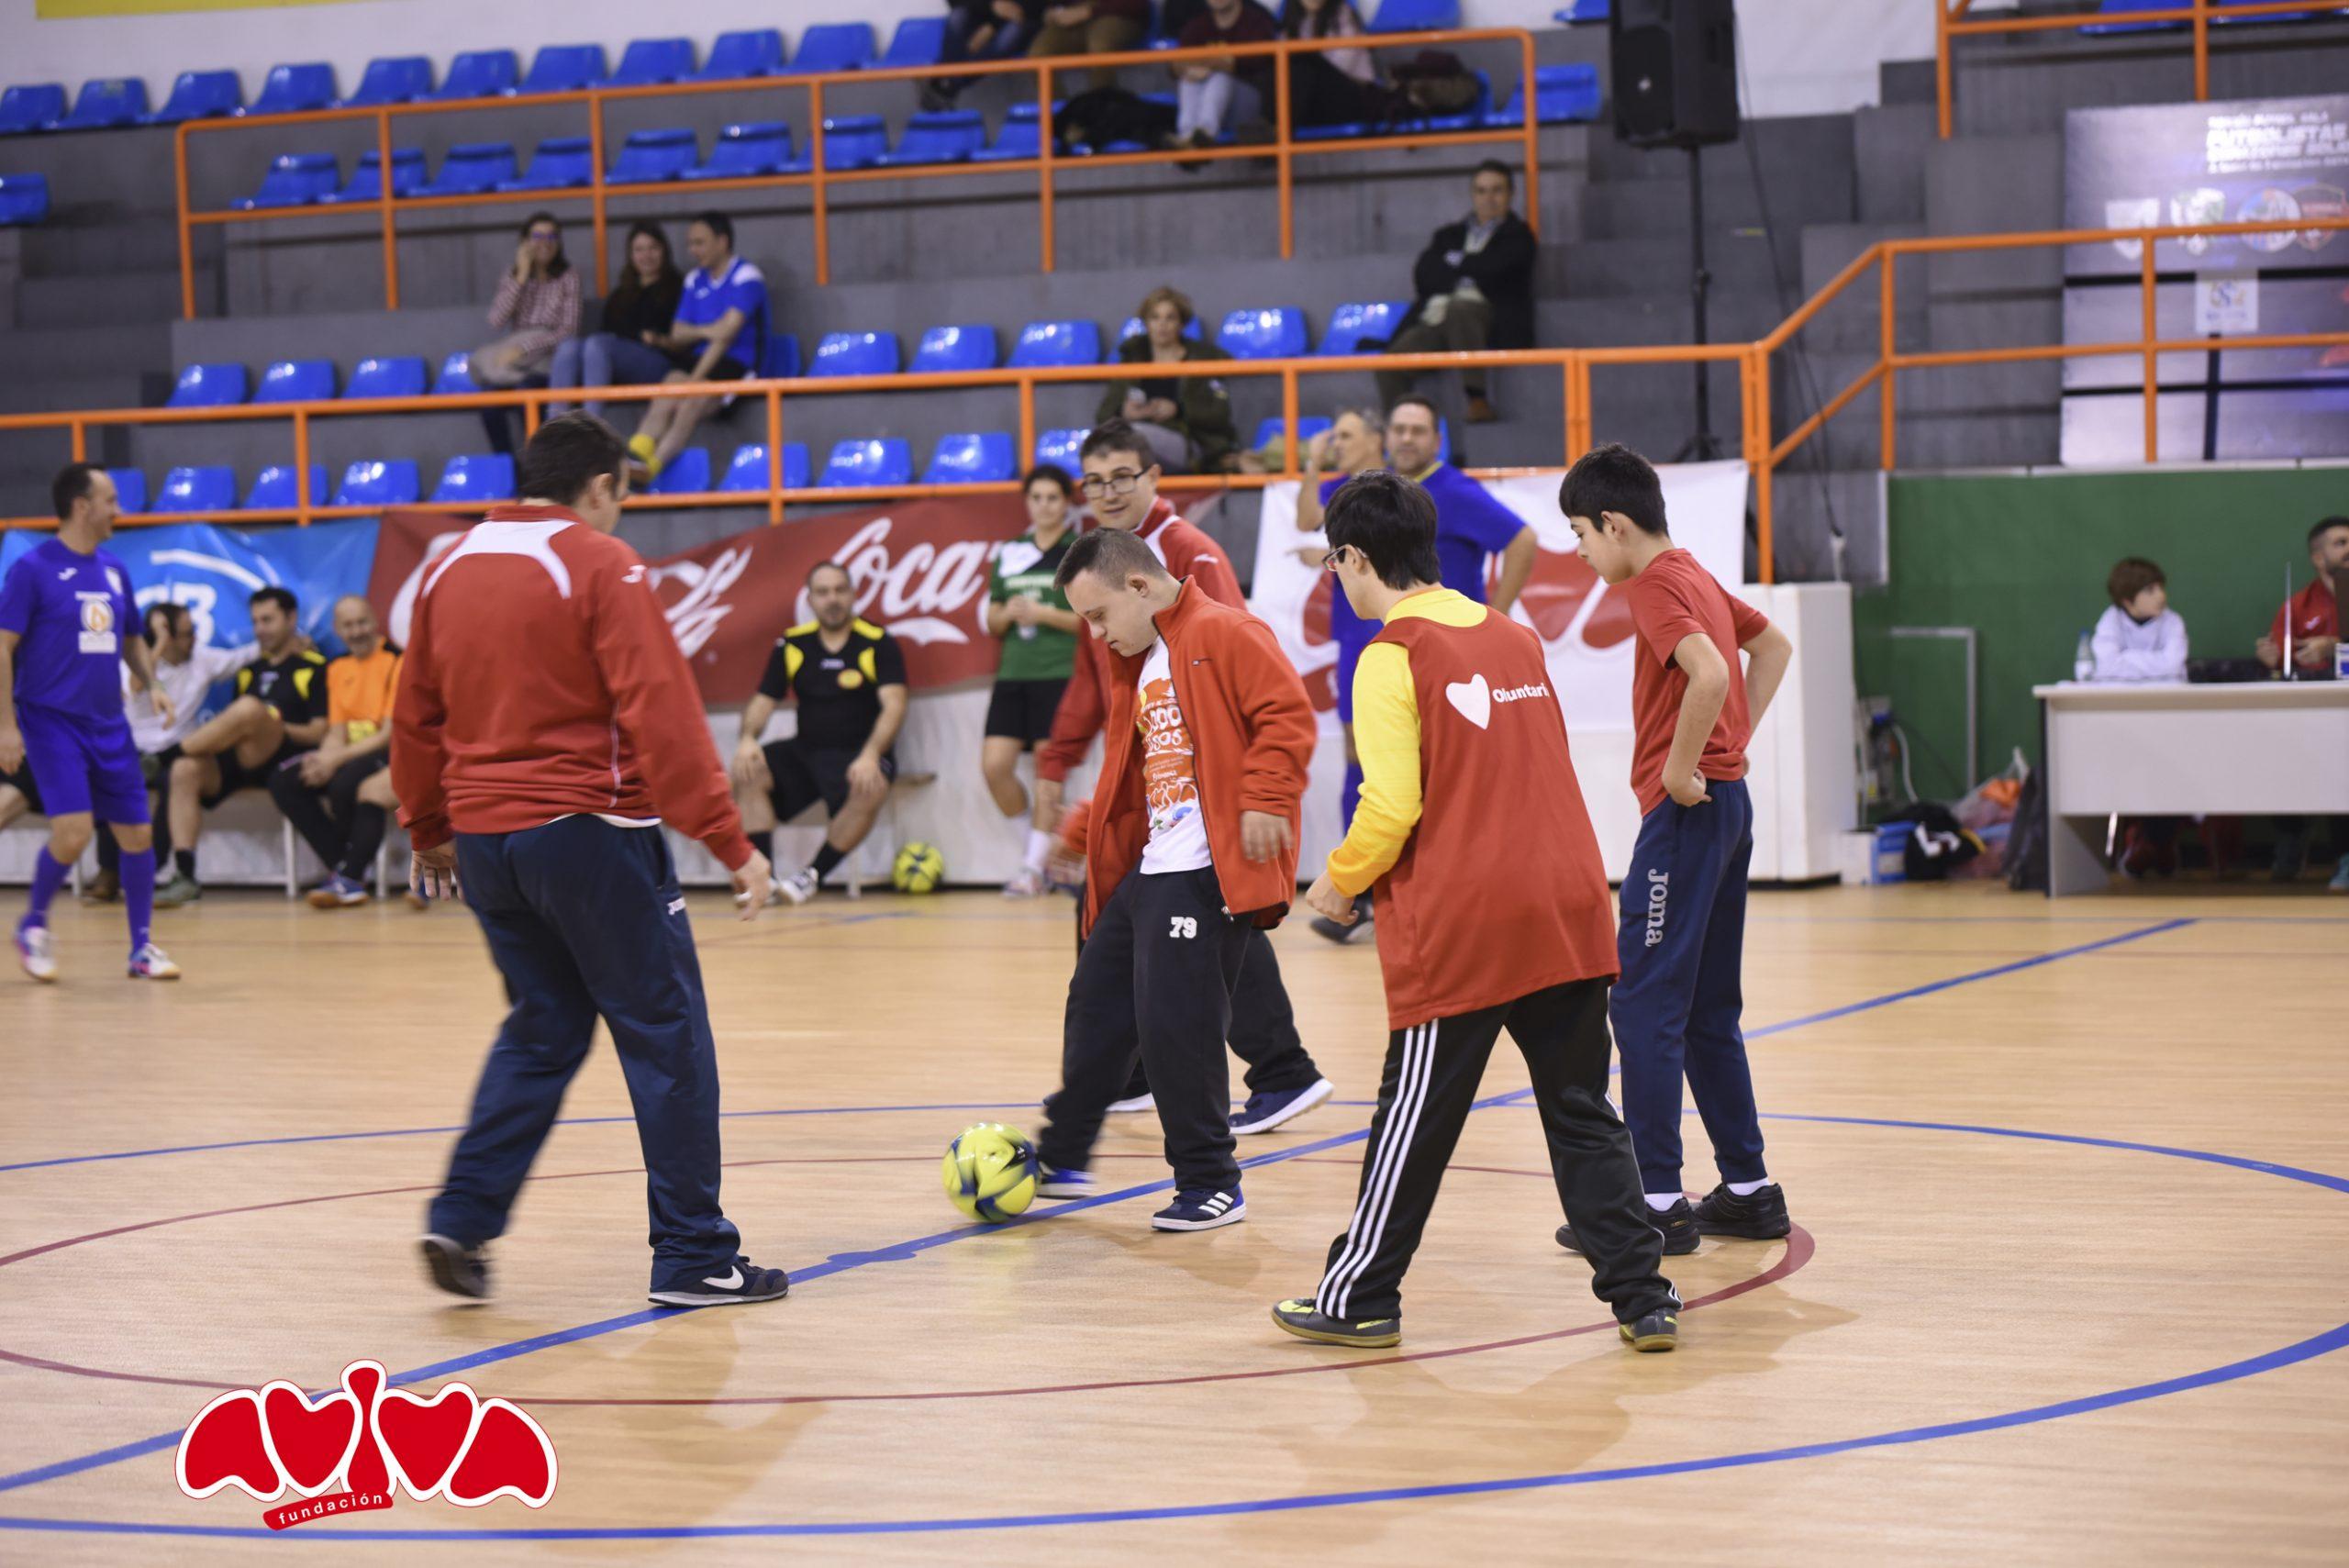 Escuelas de promoción deportiva